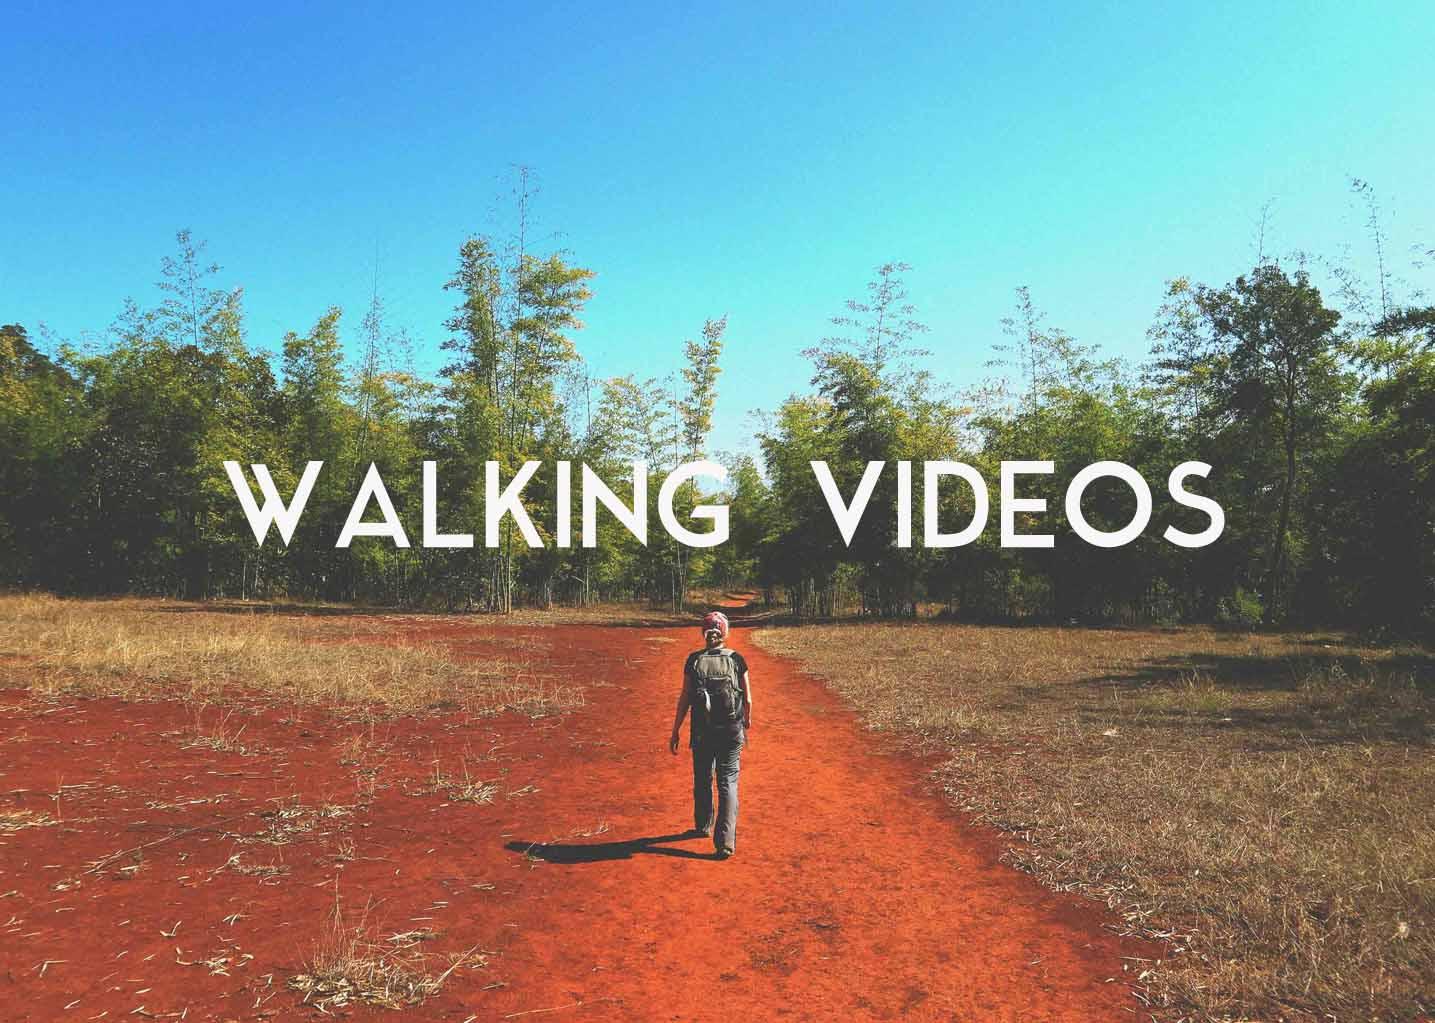 Walking Videos.jpg